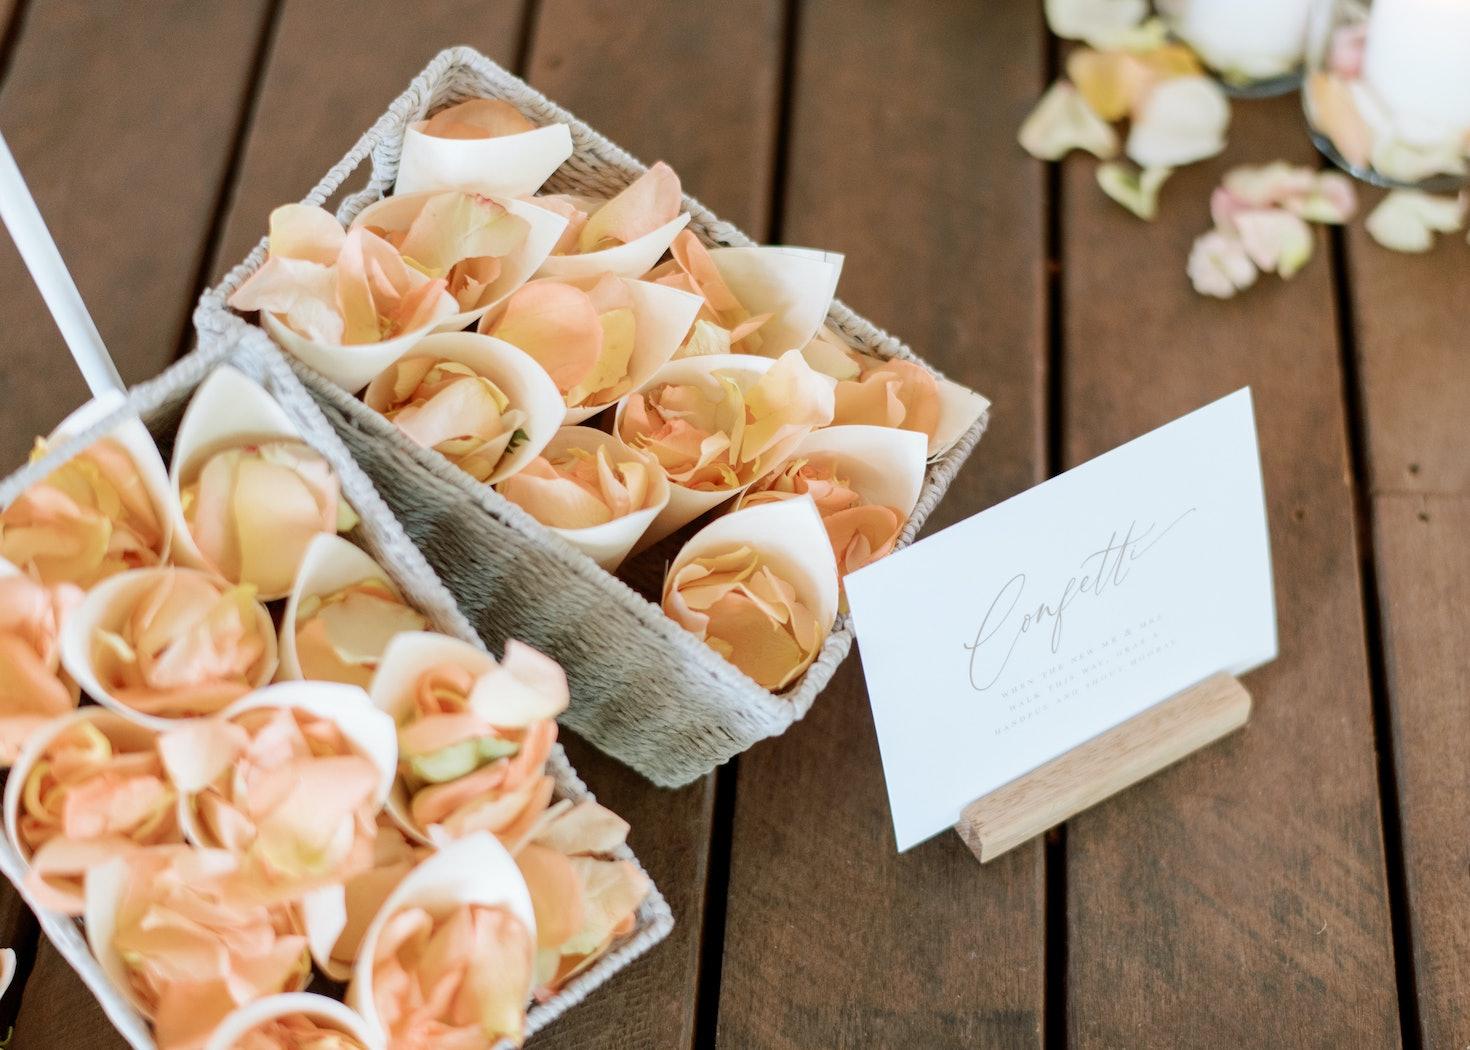 Flower petals for confetti